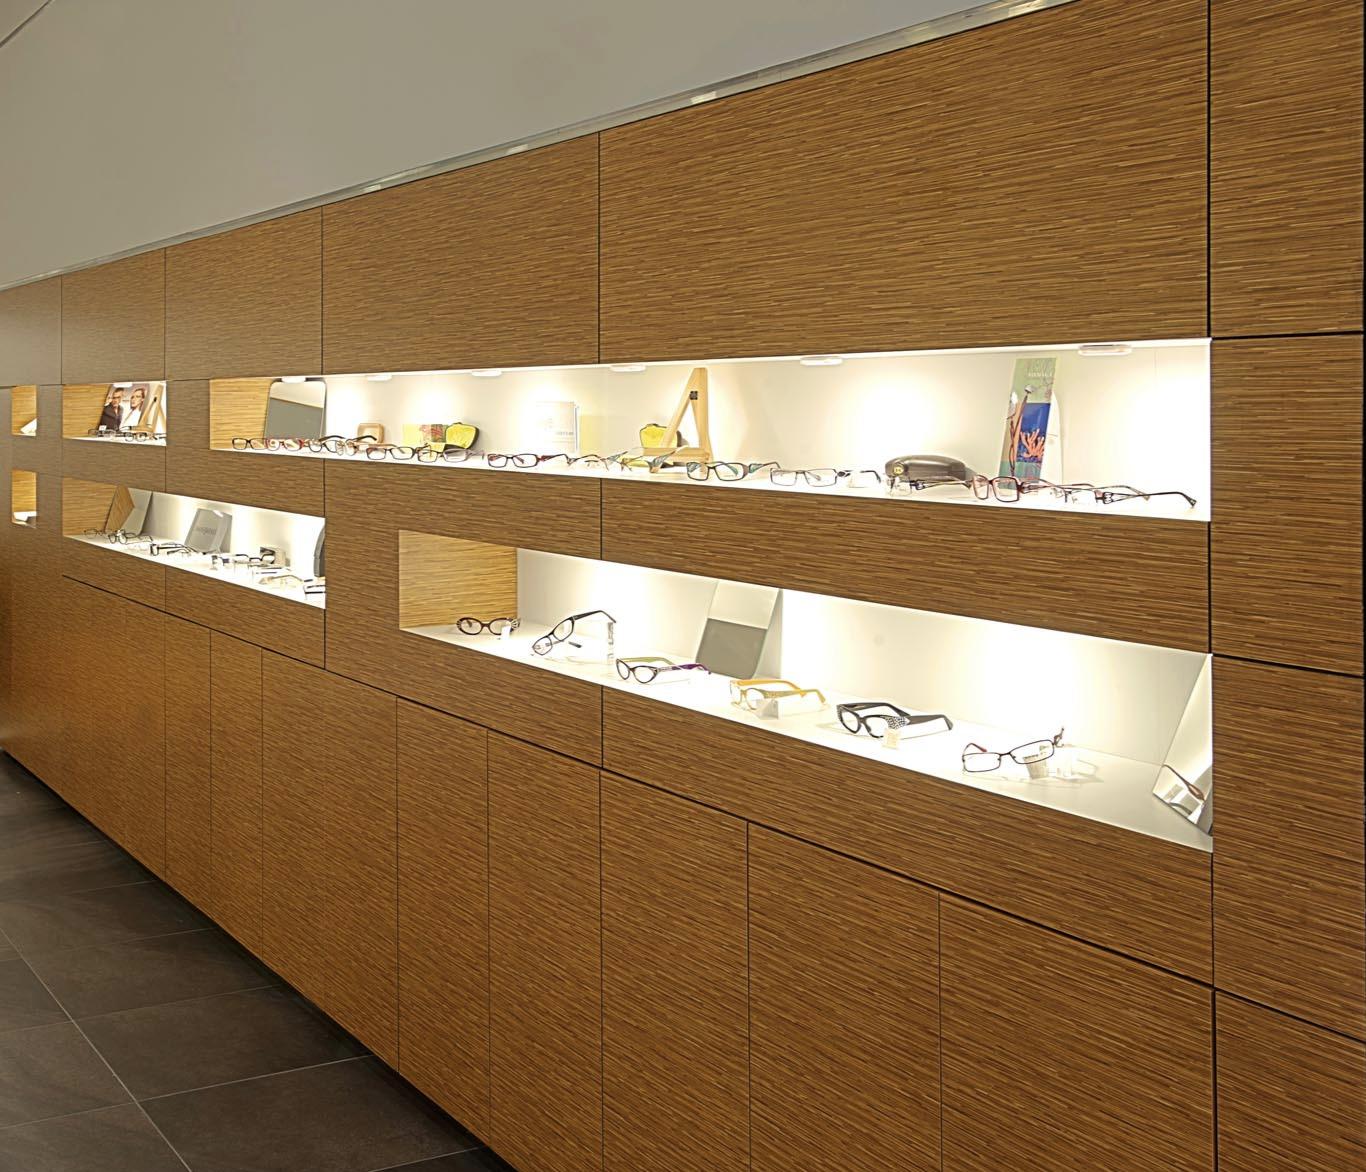 Men's eyeglass section